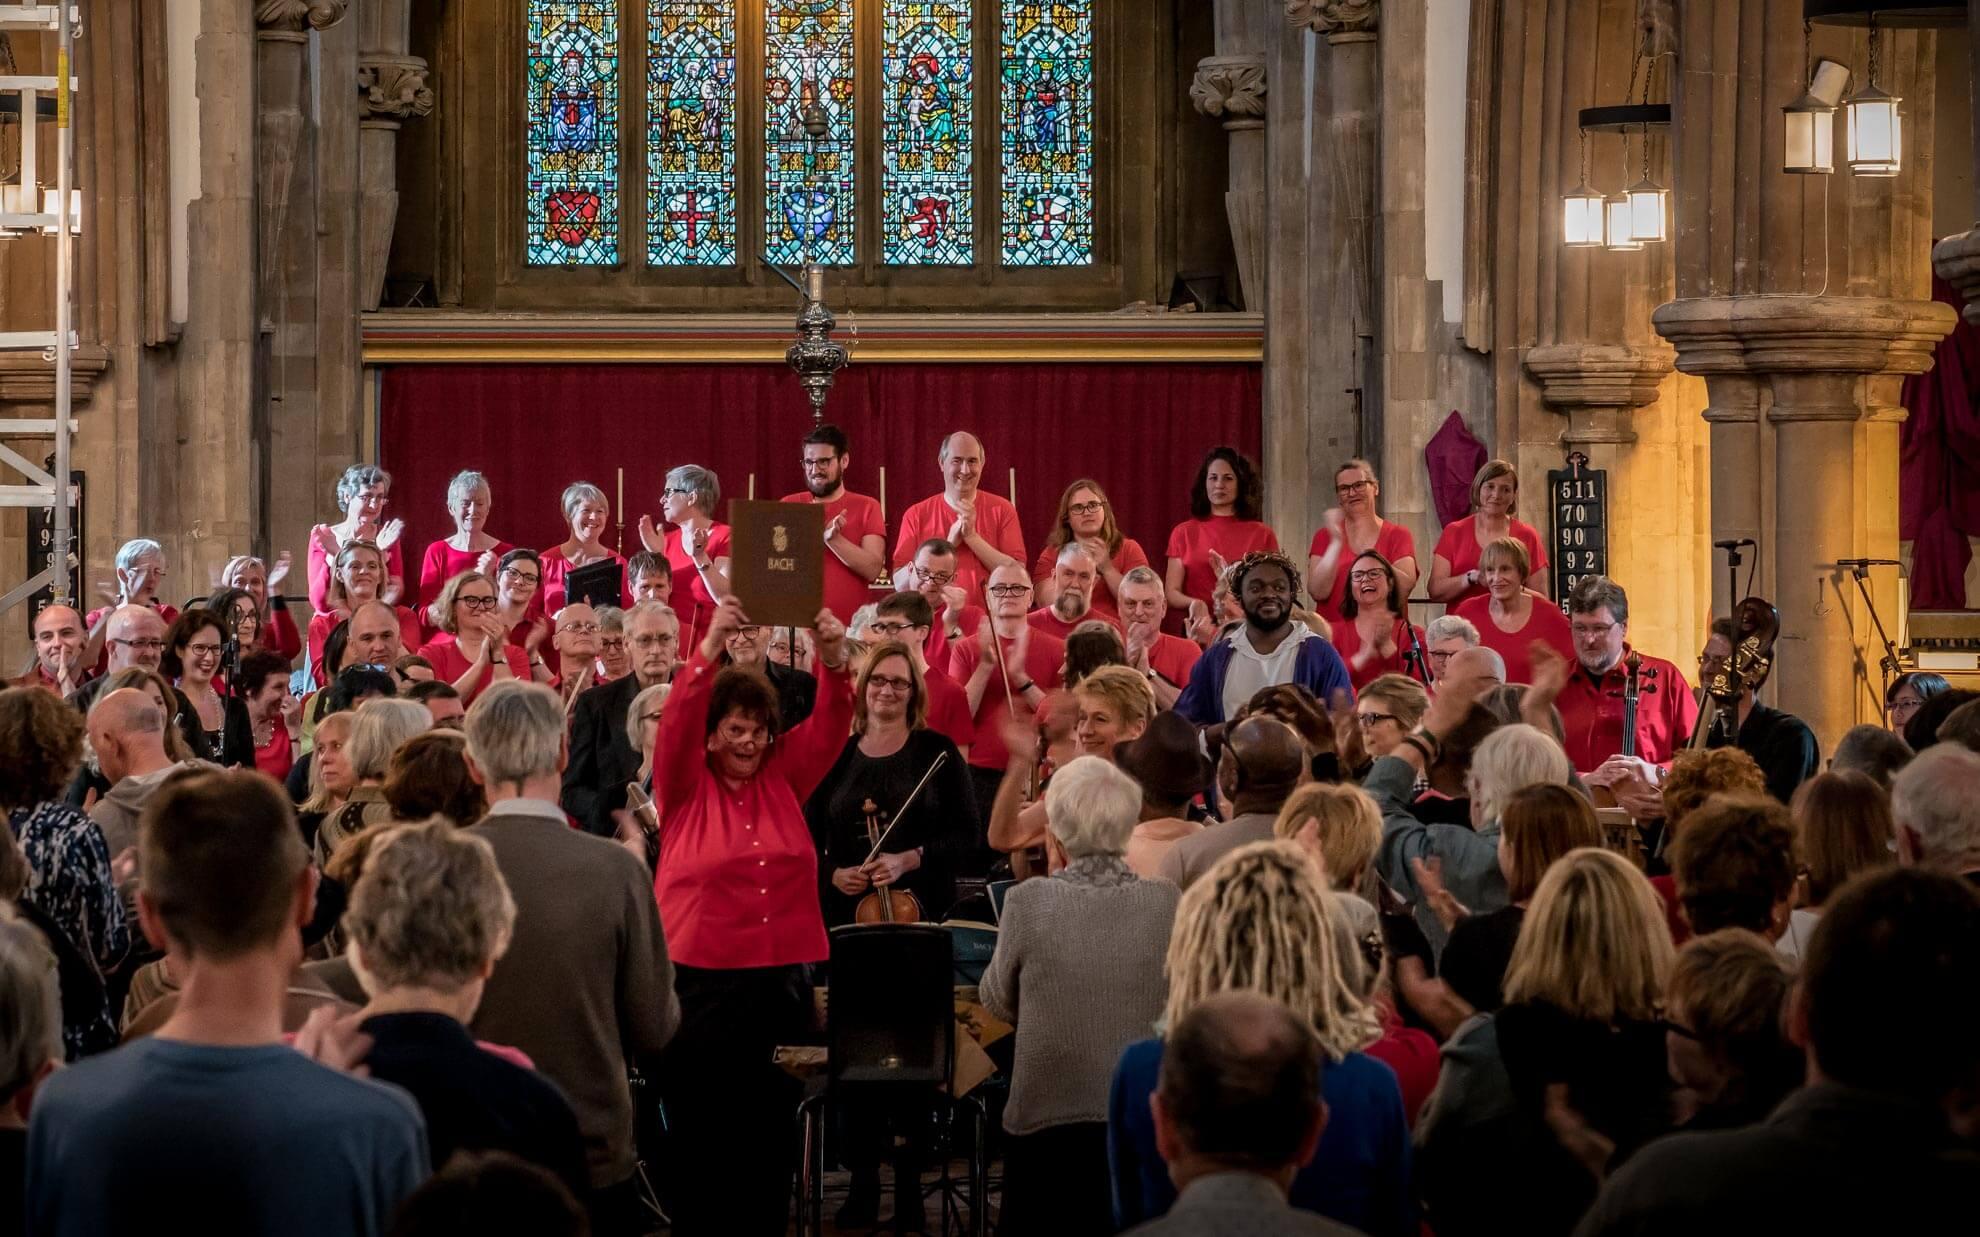 RWA - Ruth Whitehead and Chorus of Dissent